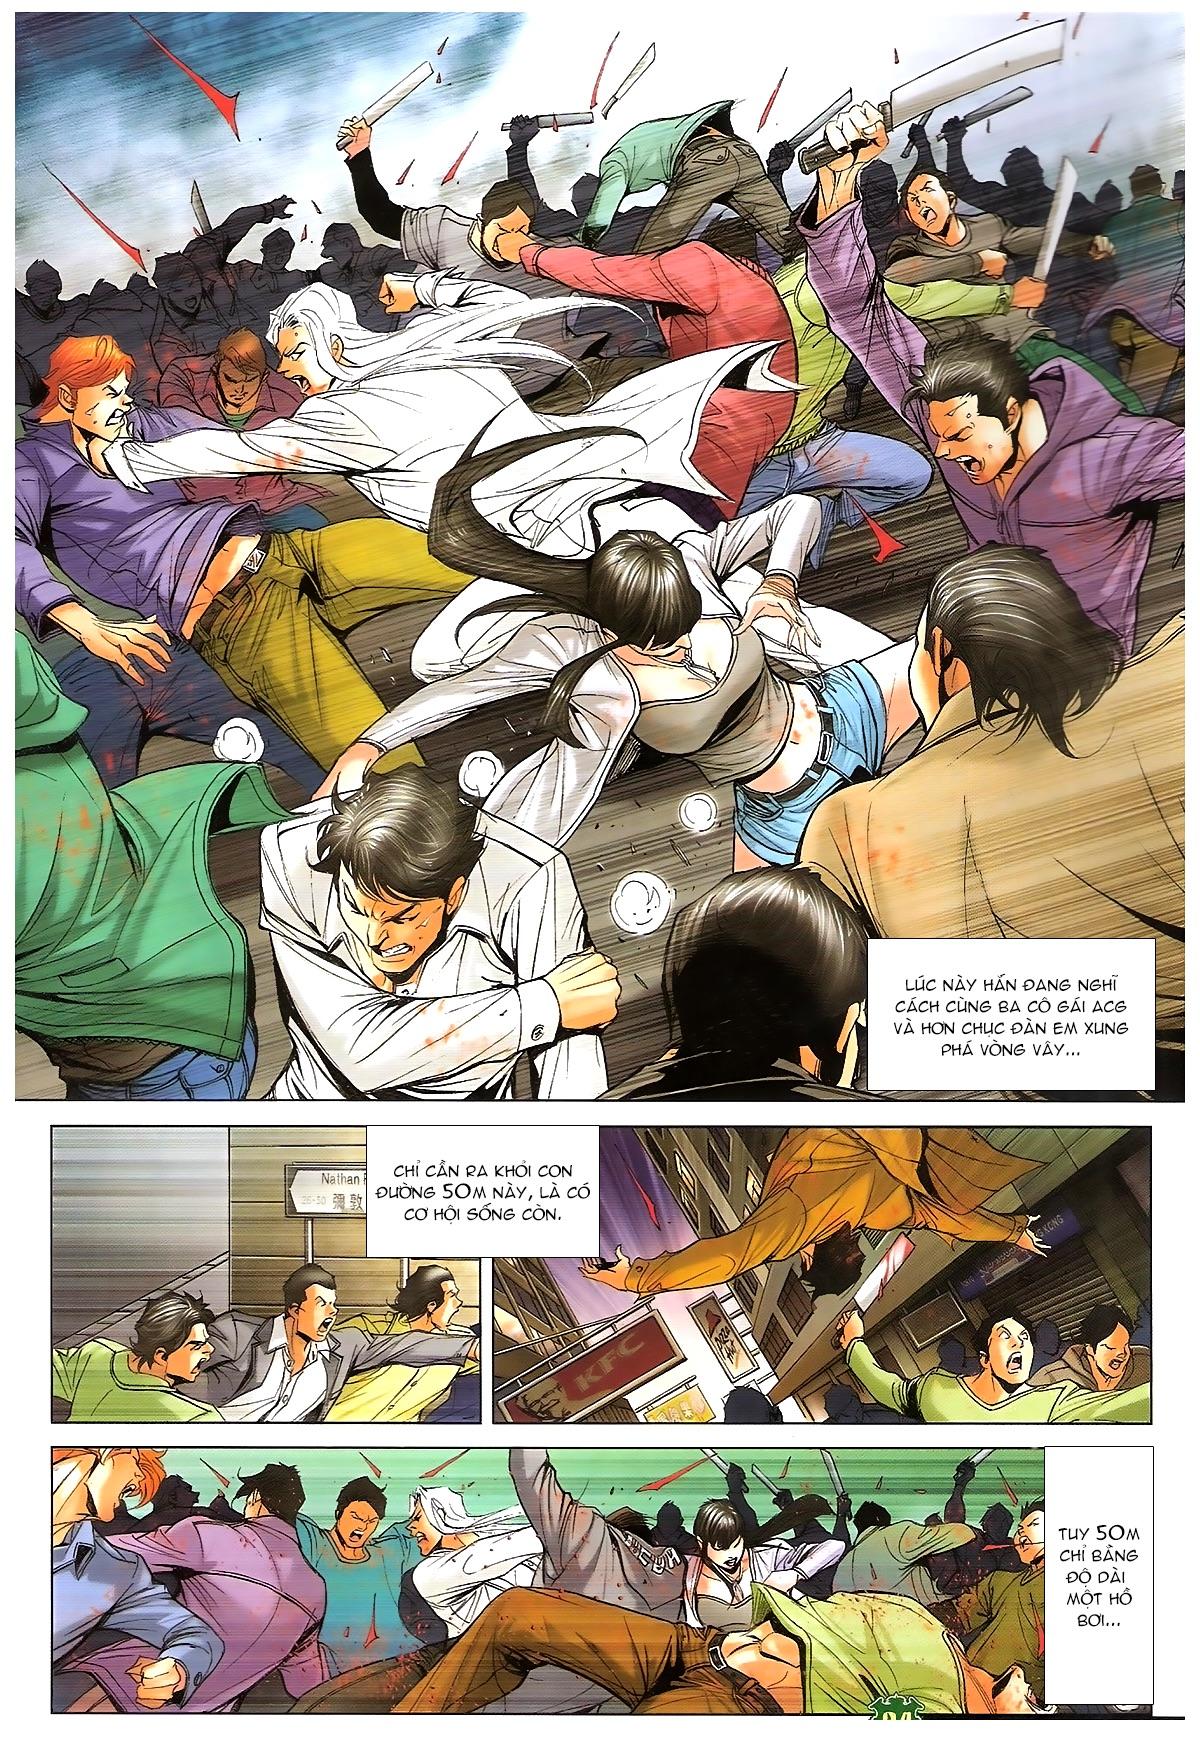 Người Trong Giang Hồ - Ngũ Hổ qui thiên - Chapter 1698: Tận địa nhất bảo - Pic 3